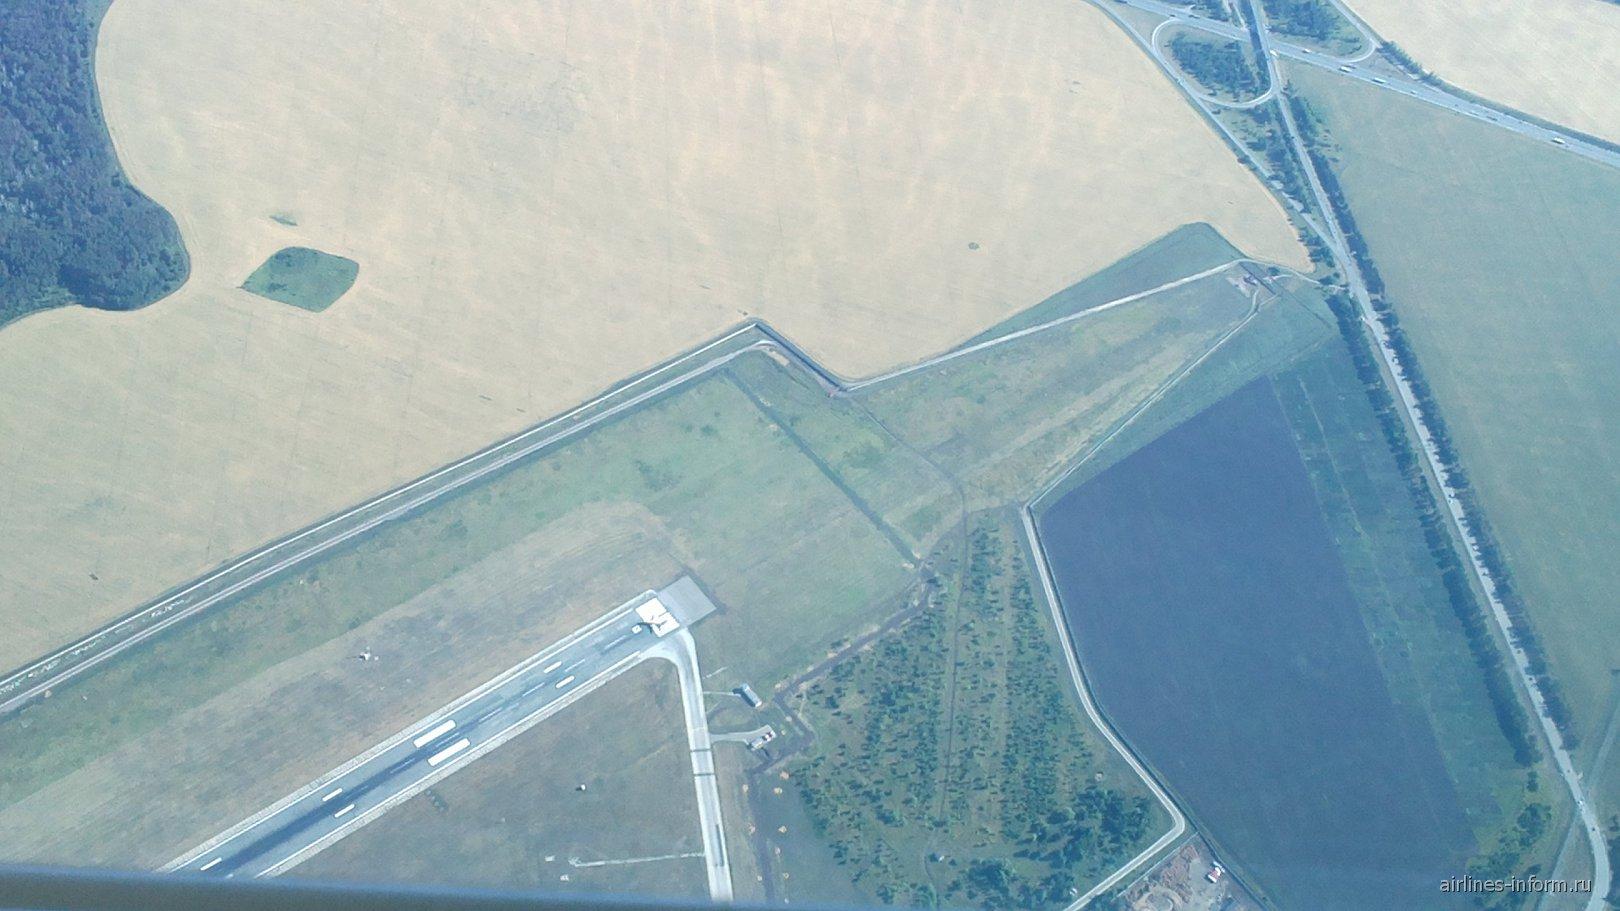 Над взлетной полосой аэропорта Курумоч